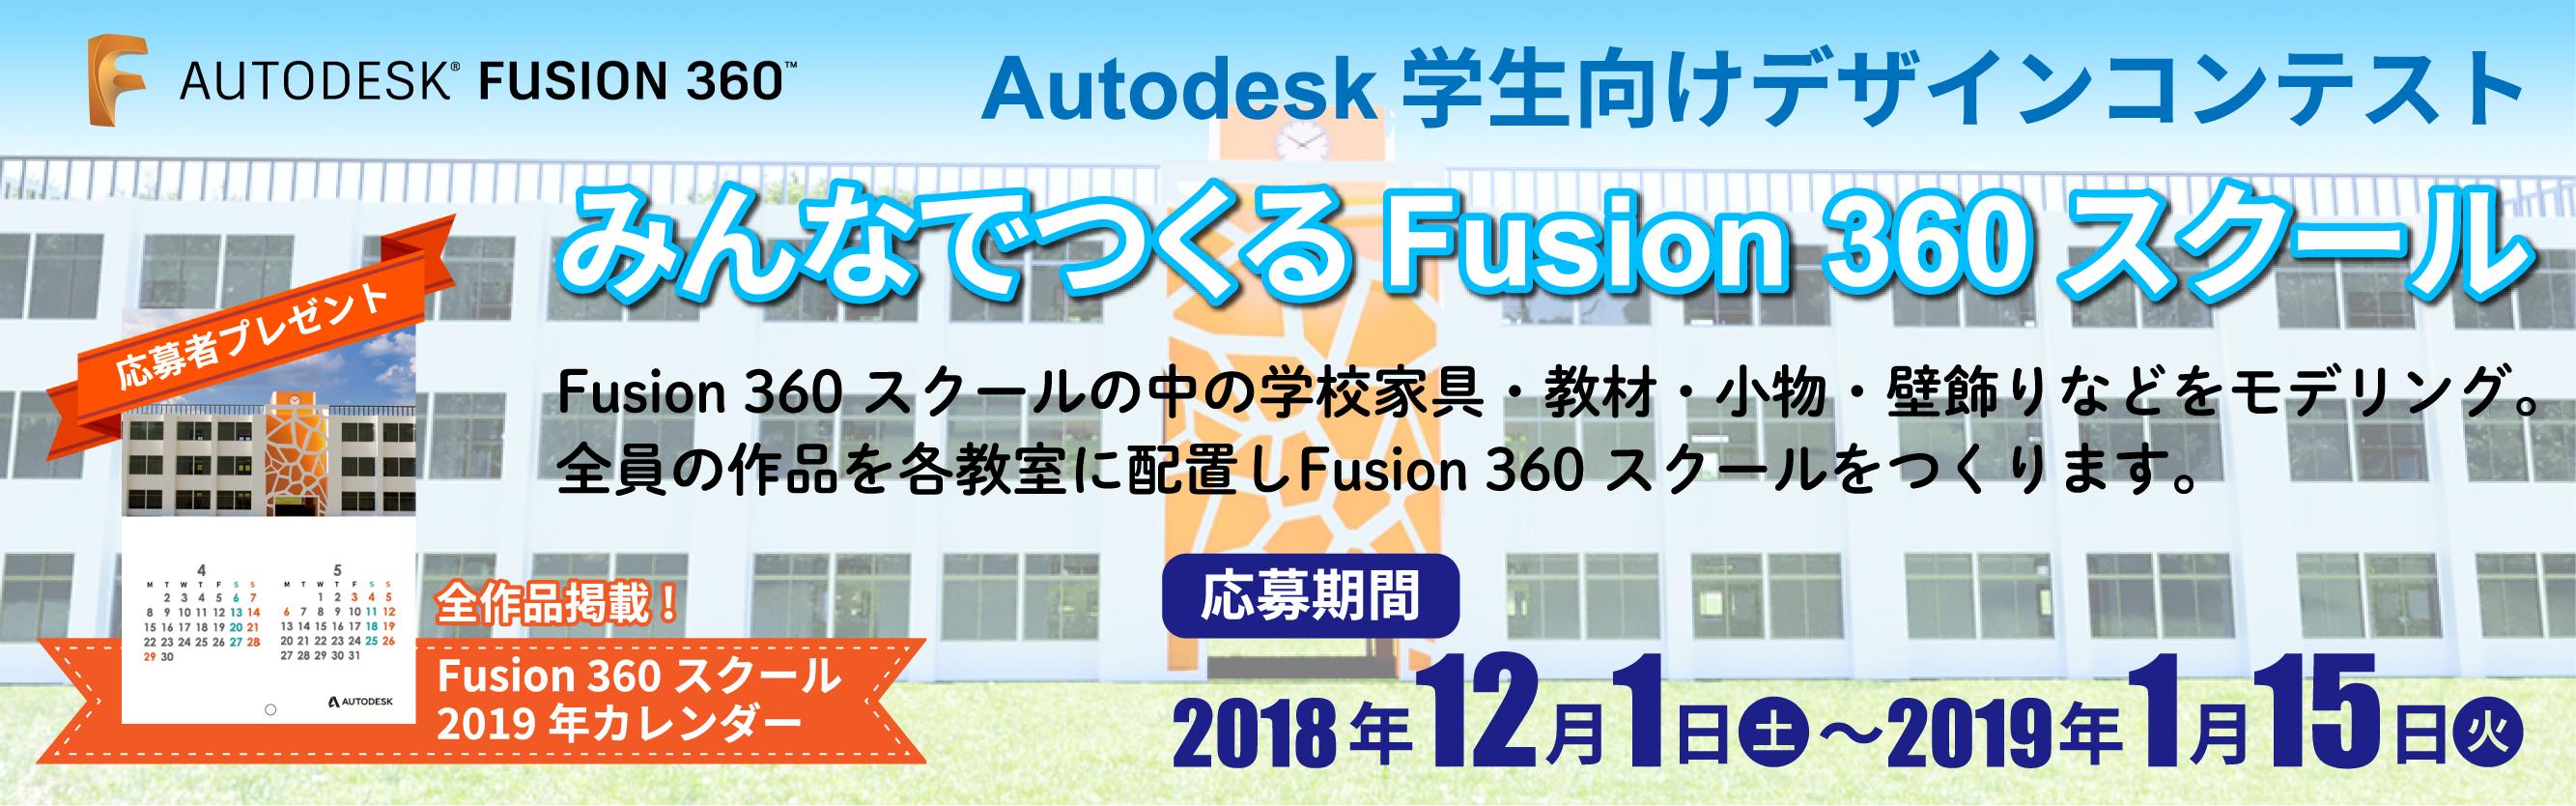 fusion360スクールバナー1280_logo